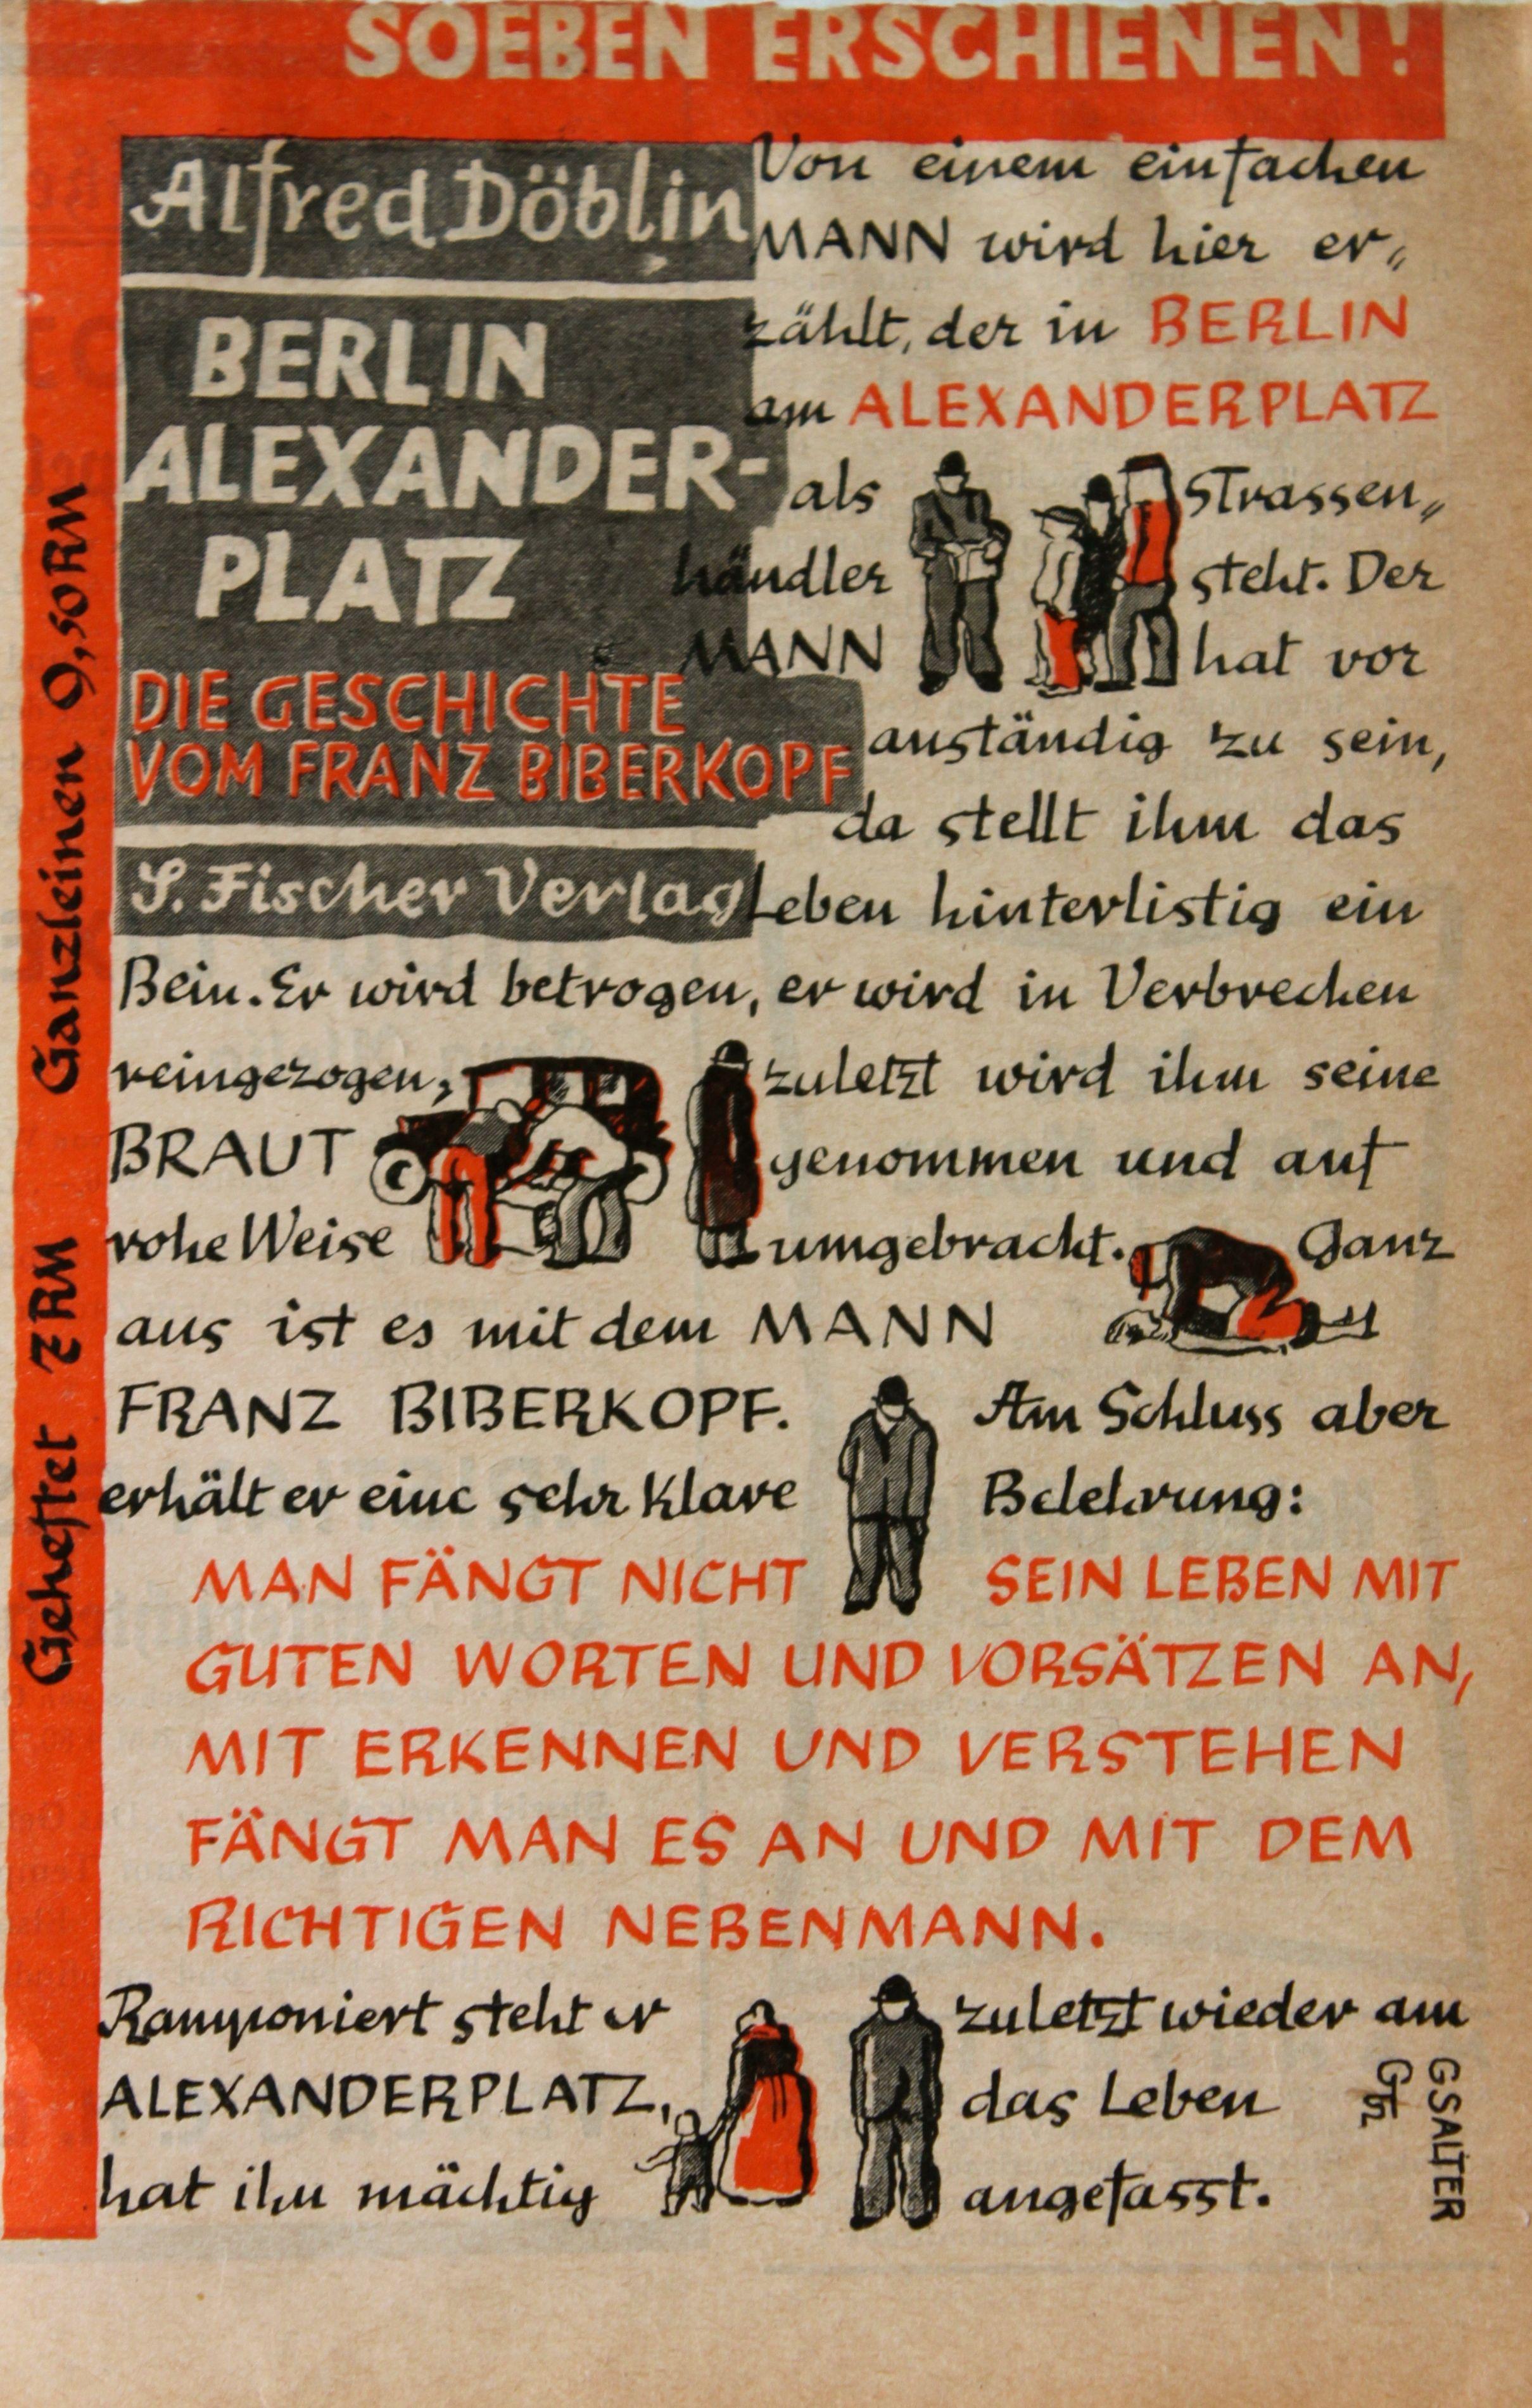 Berlin Alexanderplatz Weltberuhmt Und Oft Kopiert Georg Salter Berlin Alexanderplatz Berlin Buch Design